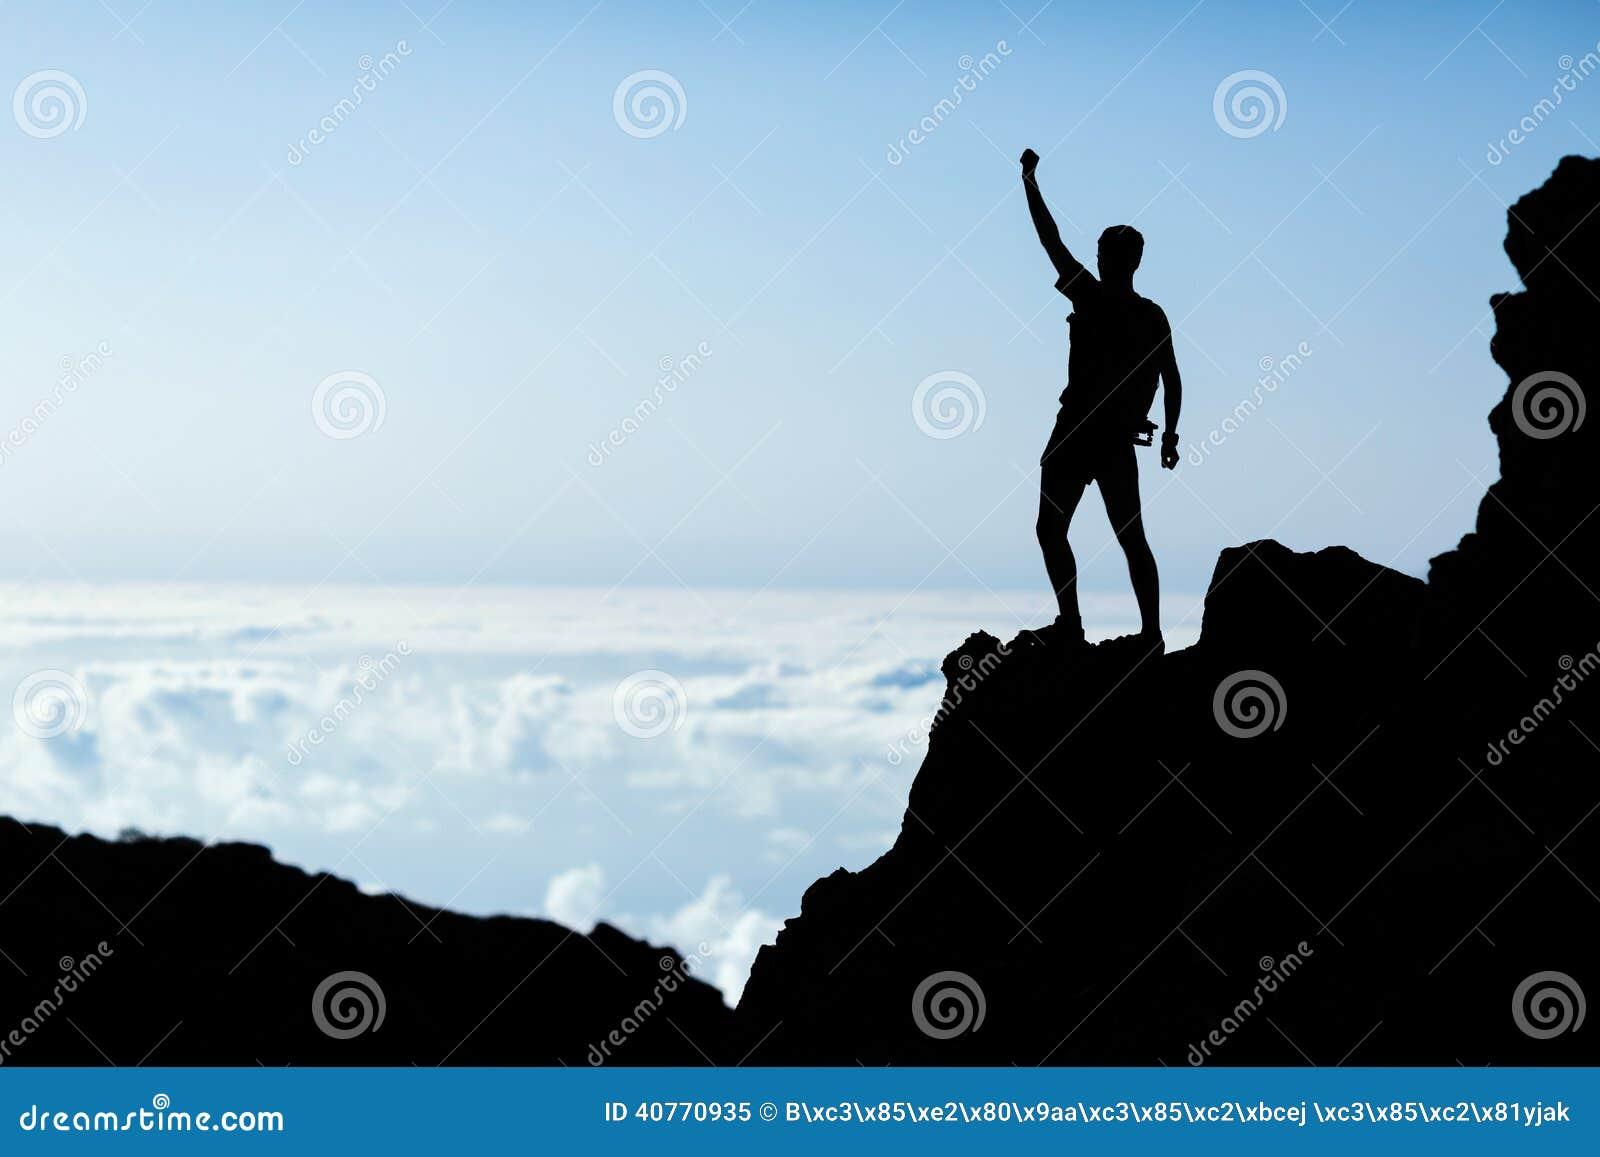 Fotvandra framgångkonturn, manslingalöpare i berg